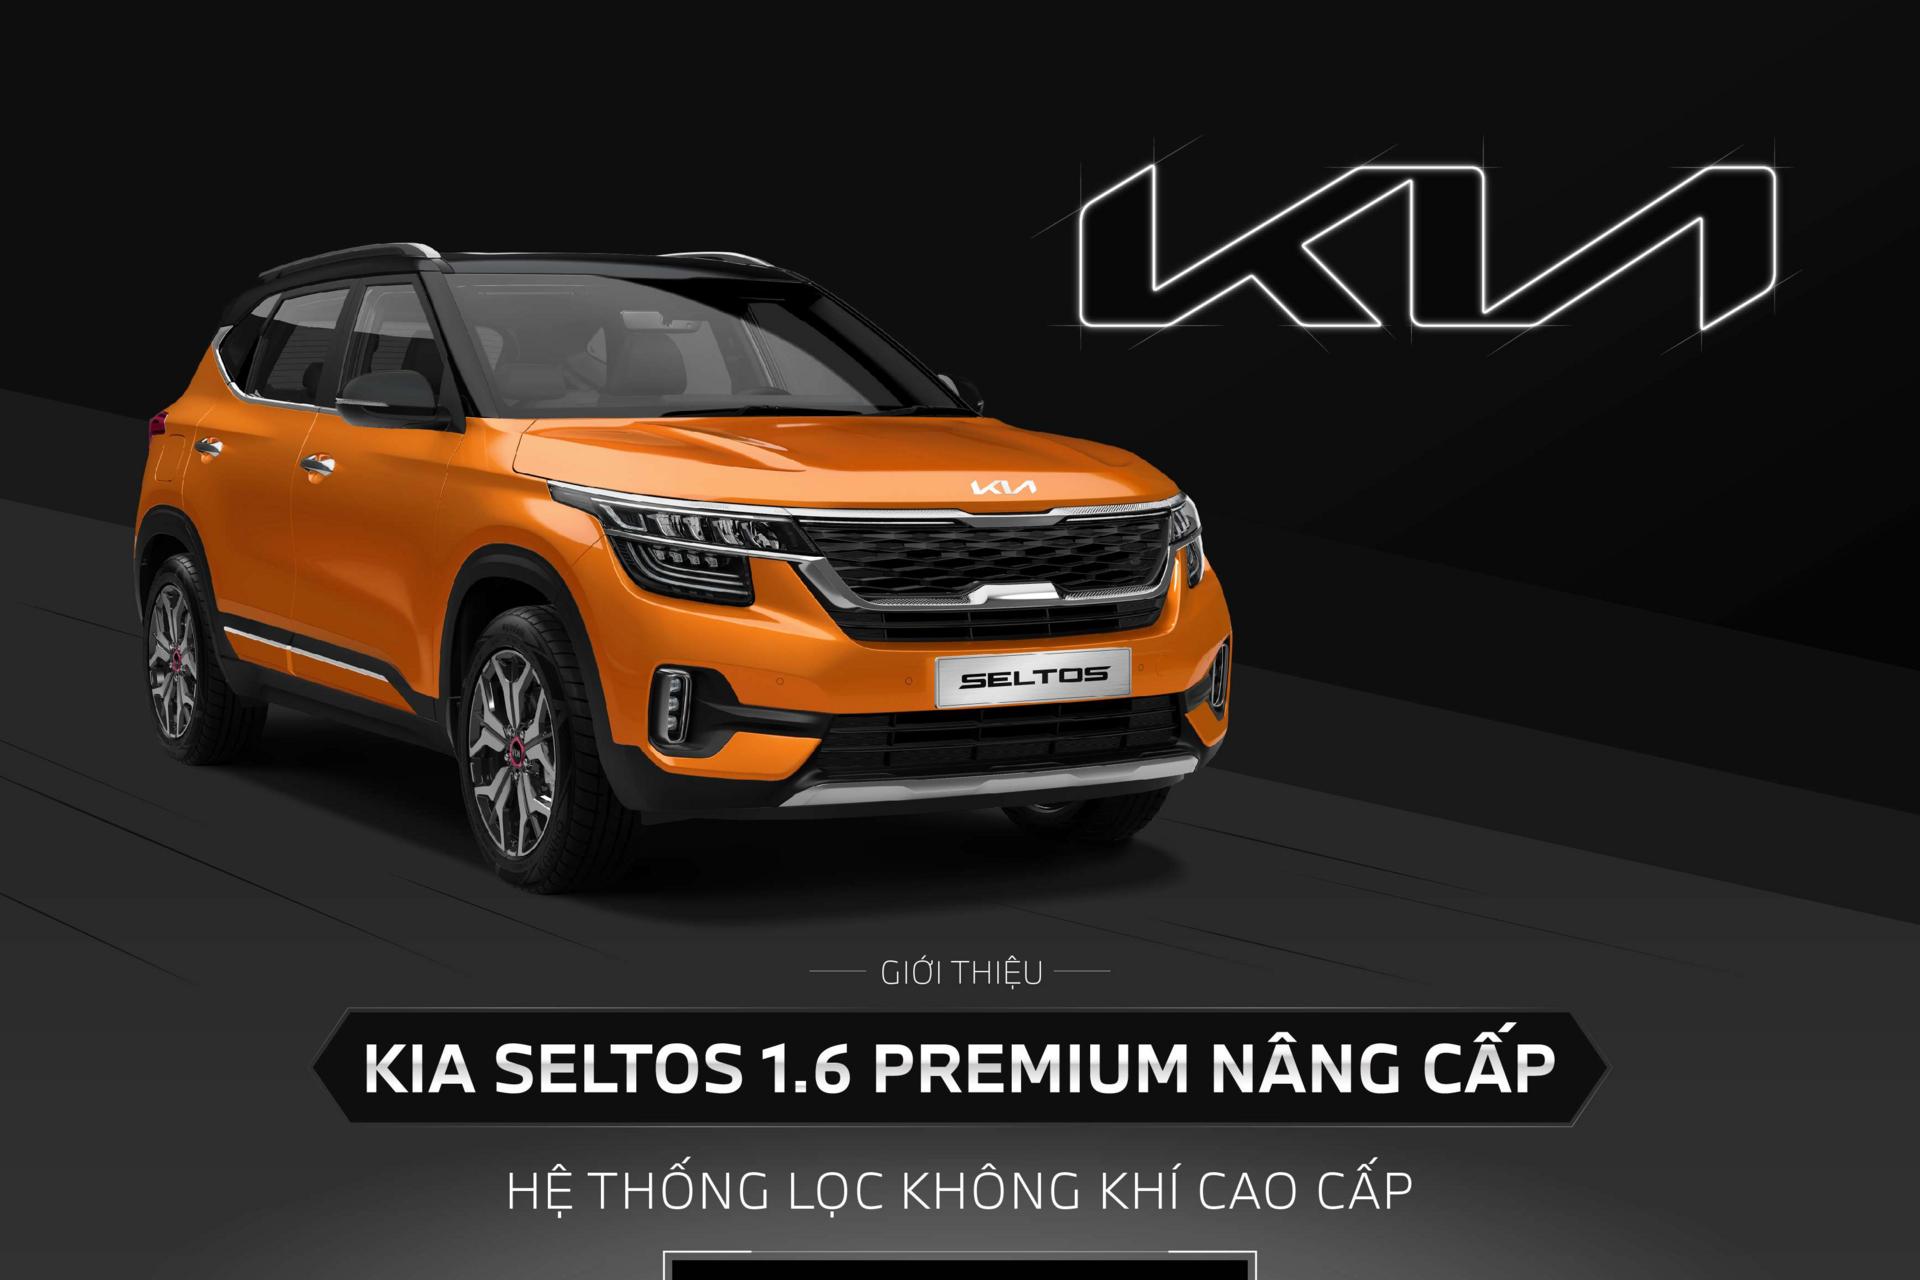 kia-viet-nam-gioi-thieu-kia-seltos-16-premium-nang-cap-he-thong-loc-khong-khi-cao-cap-1.jpg